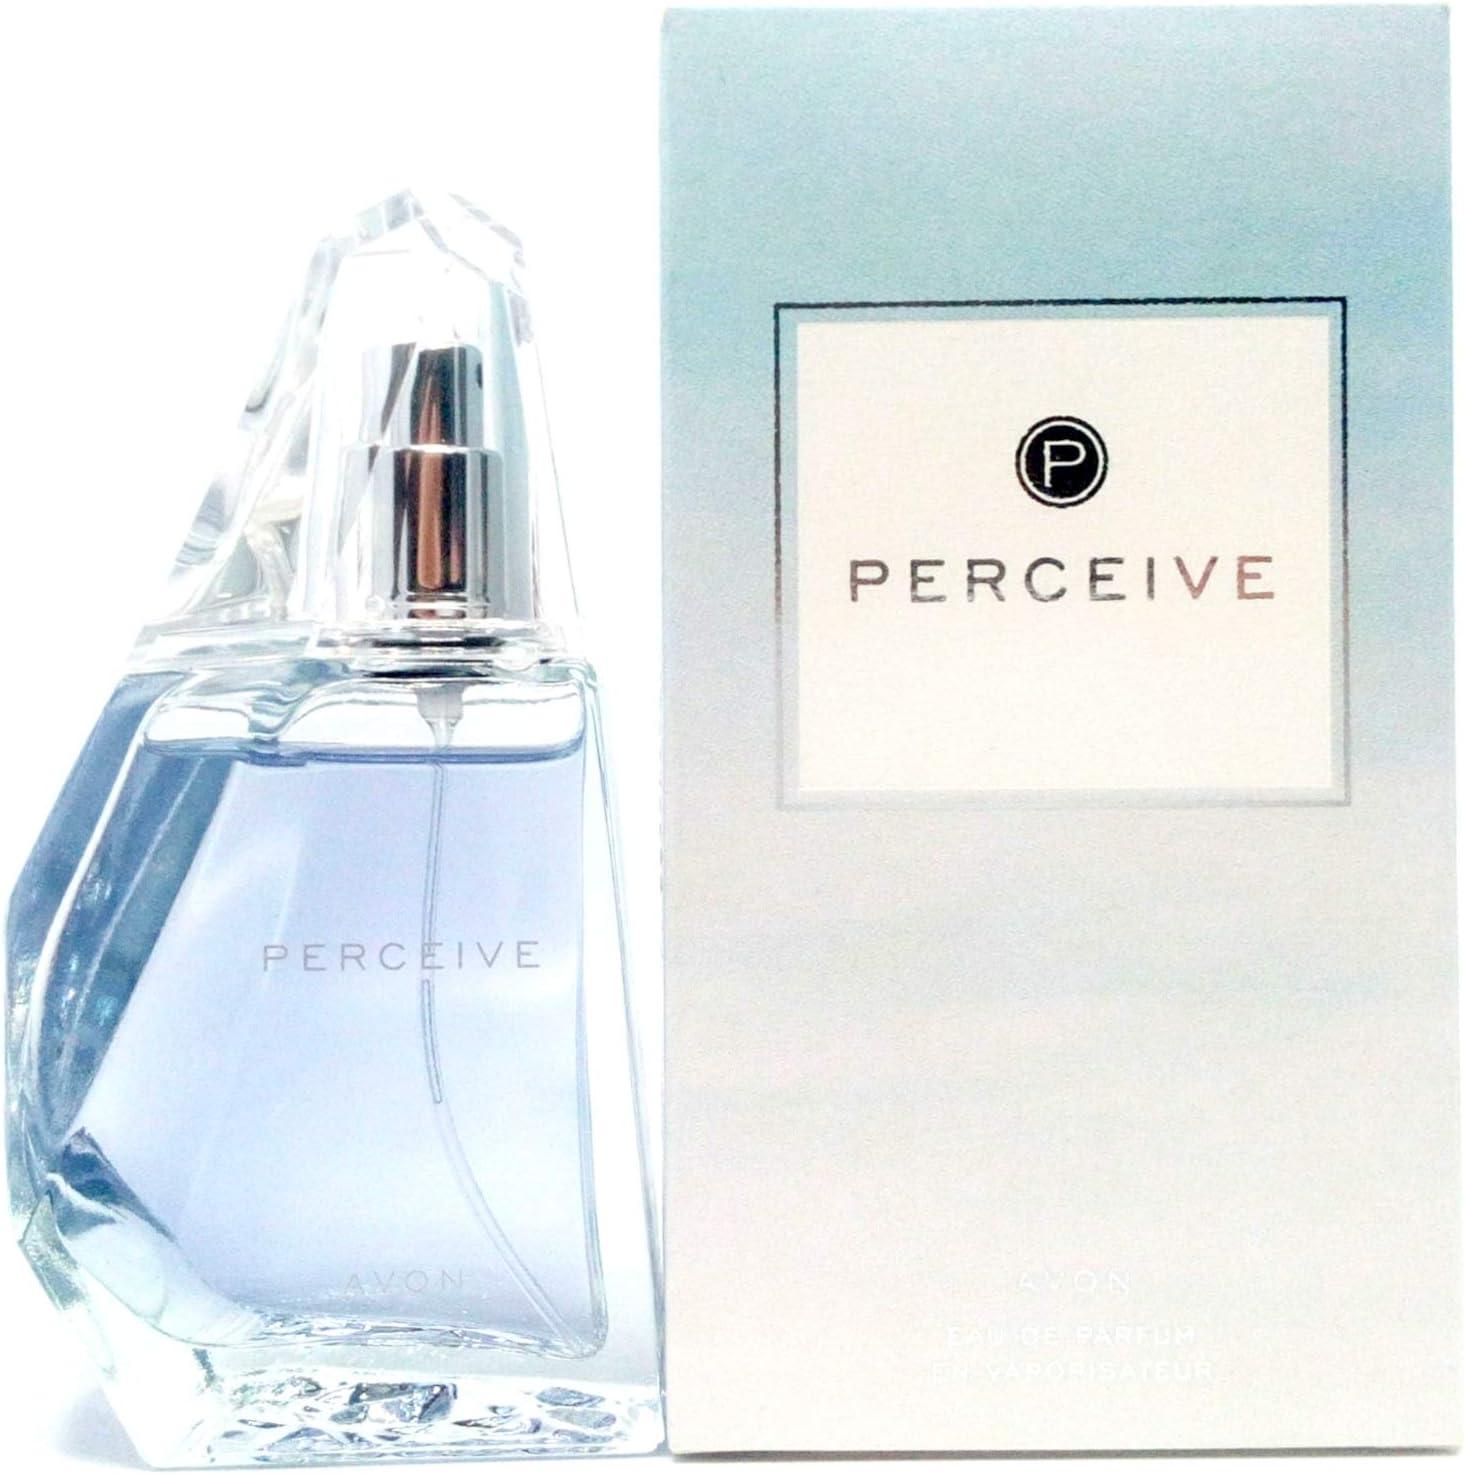 Perceive eau de parfum жидкая подводка эйвон